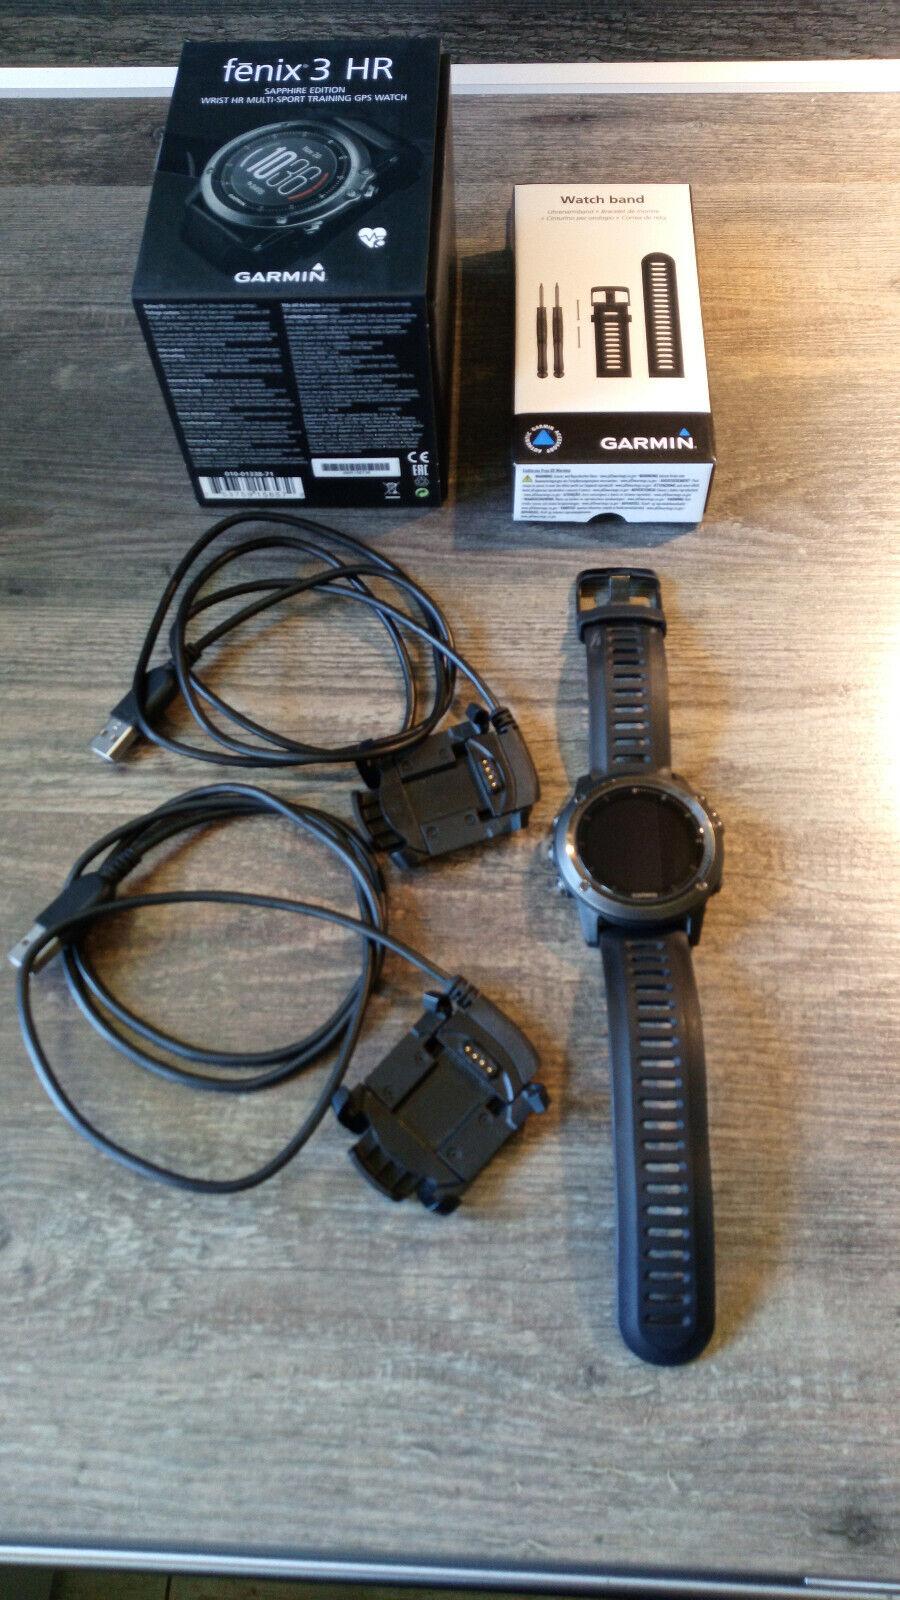 Garmin fenix 3 Saphir HR 1,2 Zoll GPS-Multisportuhr mit Schwarzem...